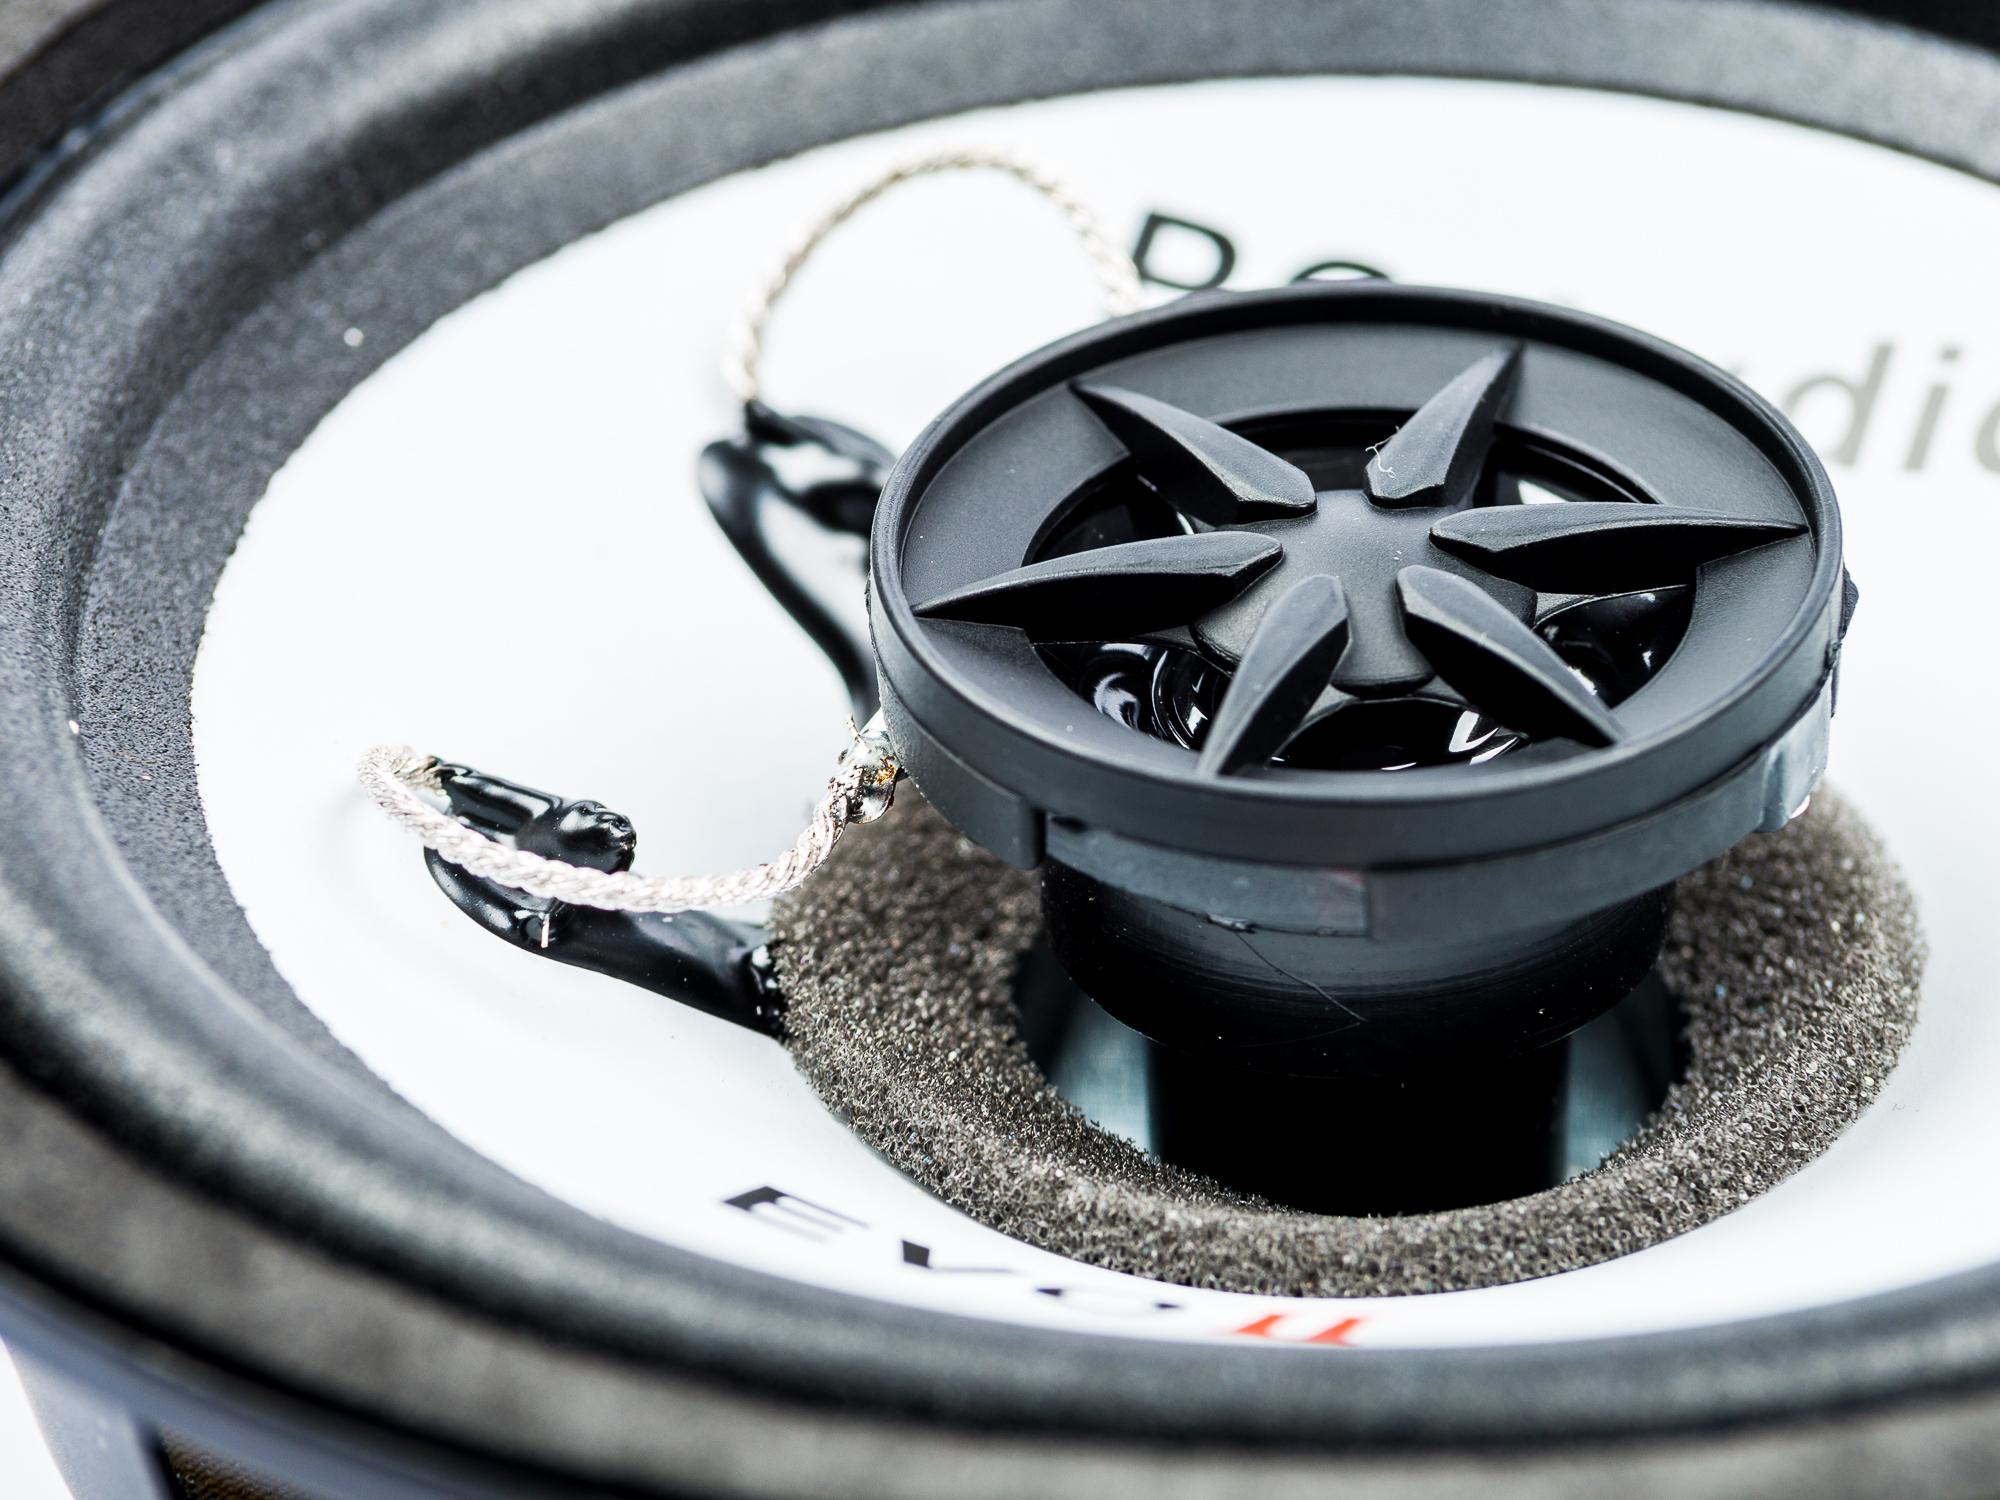 VW Golf 7 VW Polo 9N VW Up Lautsprecher Einbauset Tür vorne PG Audio Neuware – Bild 4